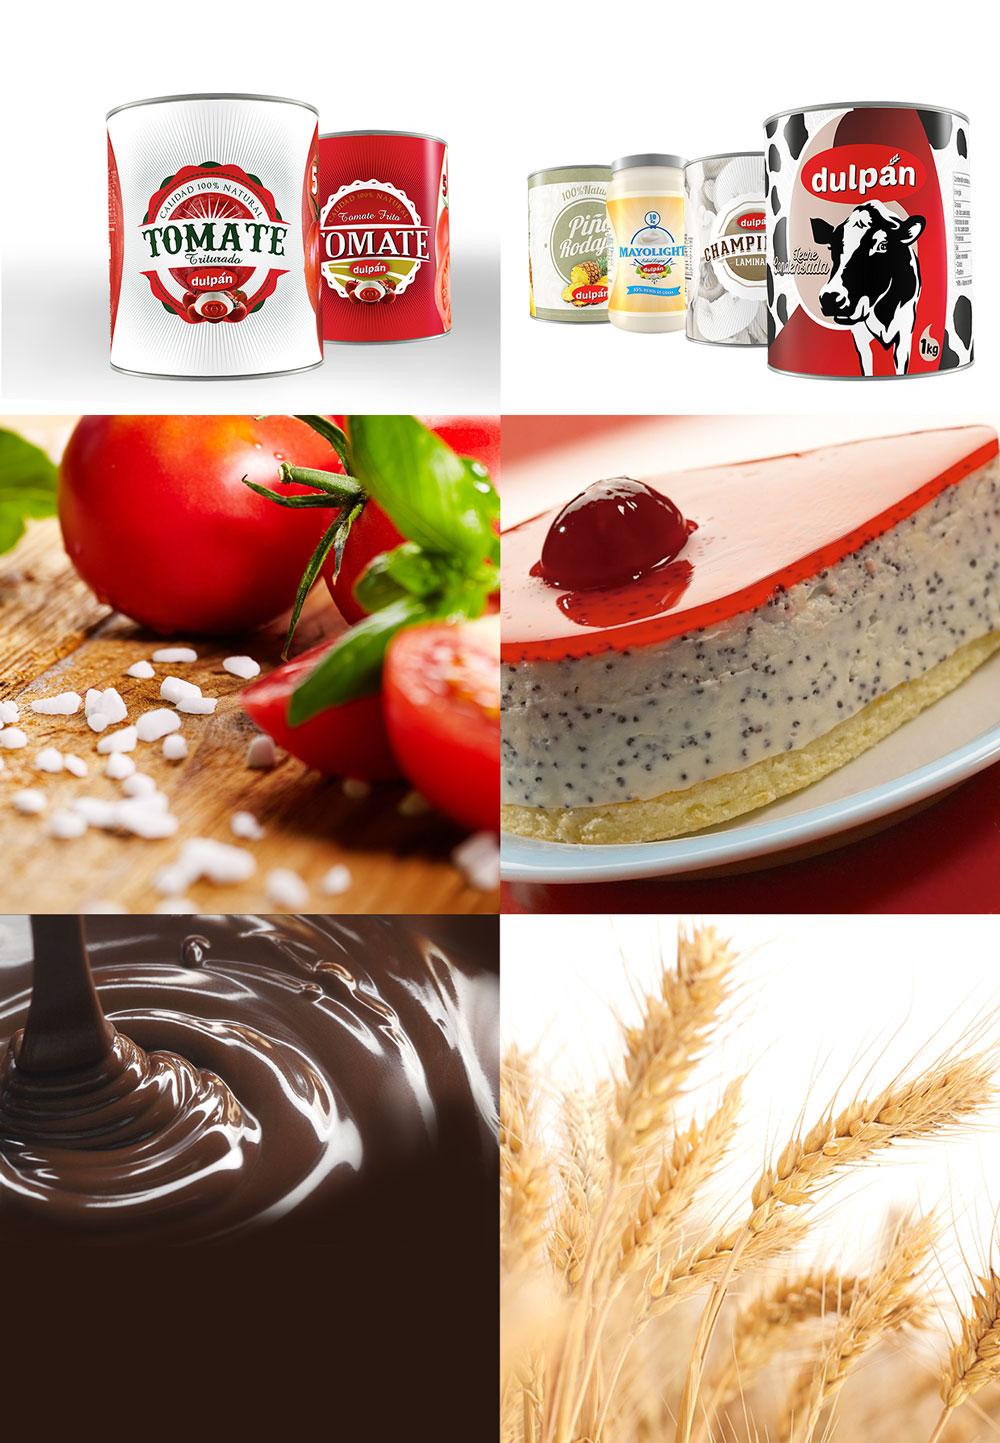 Dulpan-Hosteleria-Panaderia-Pasteleria-BG2-03